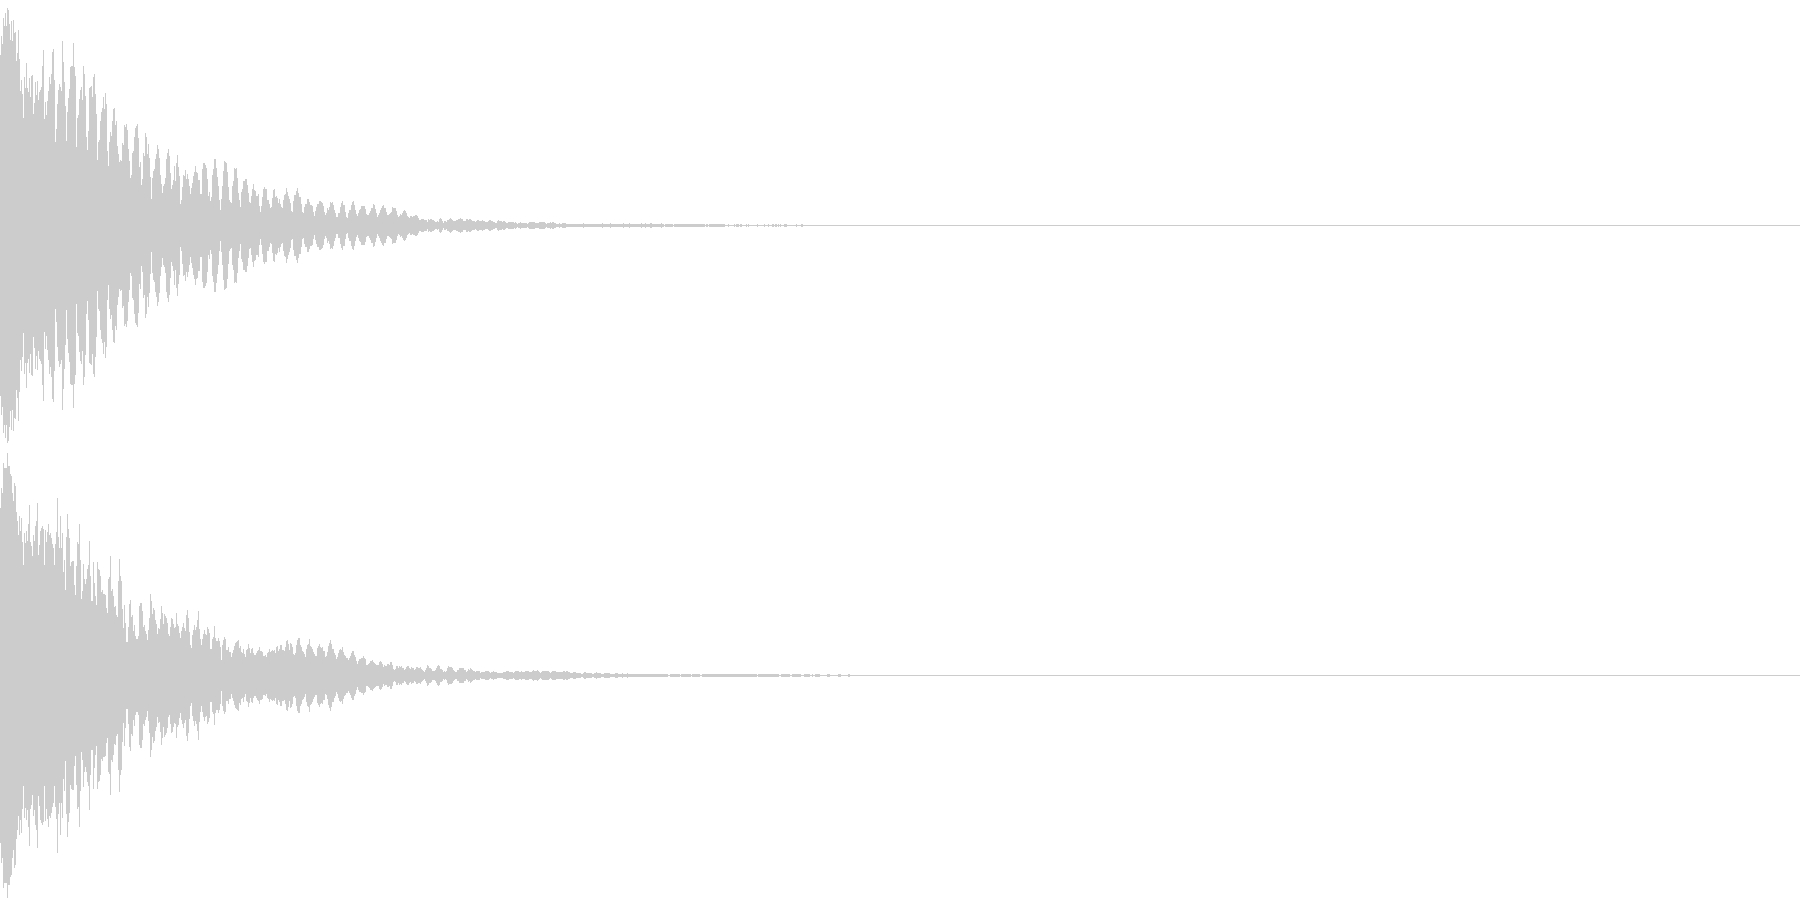 刀 キーン 剣 リアル インパクト Bの未再生の波形